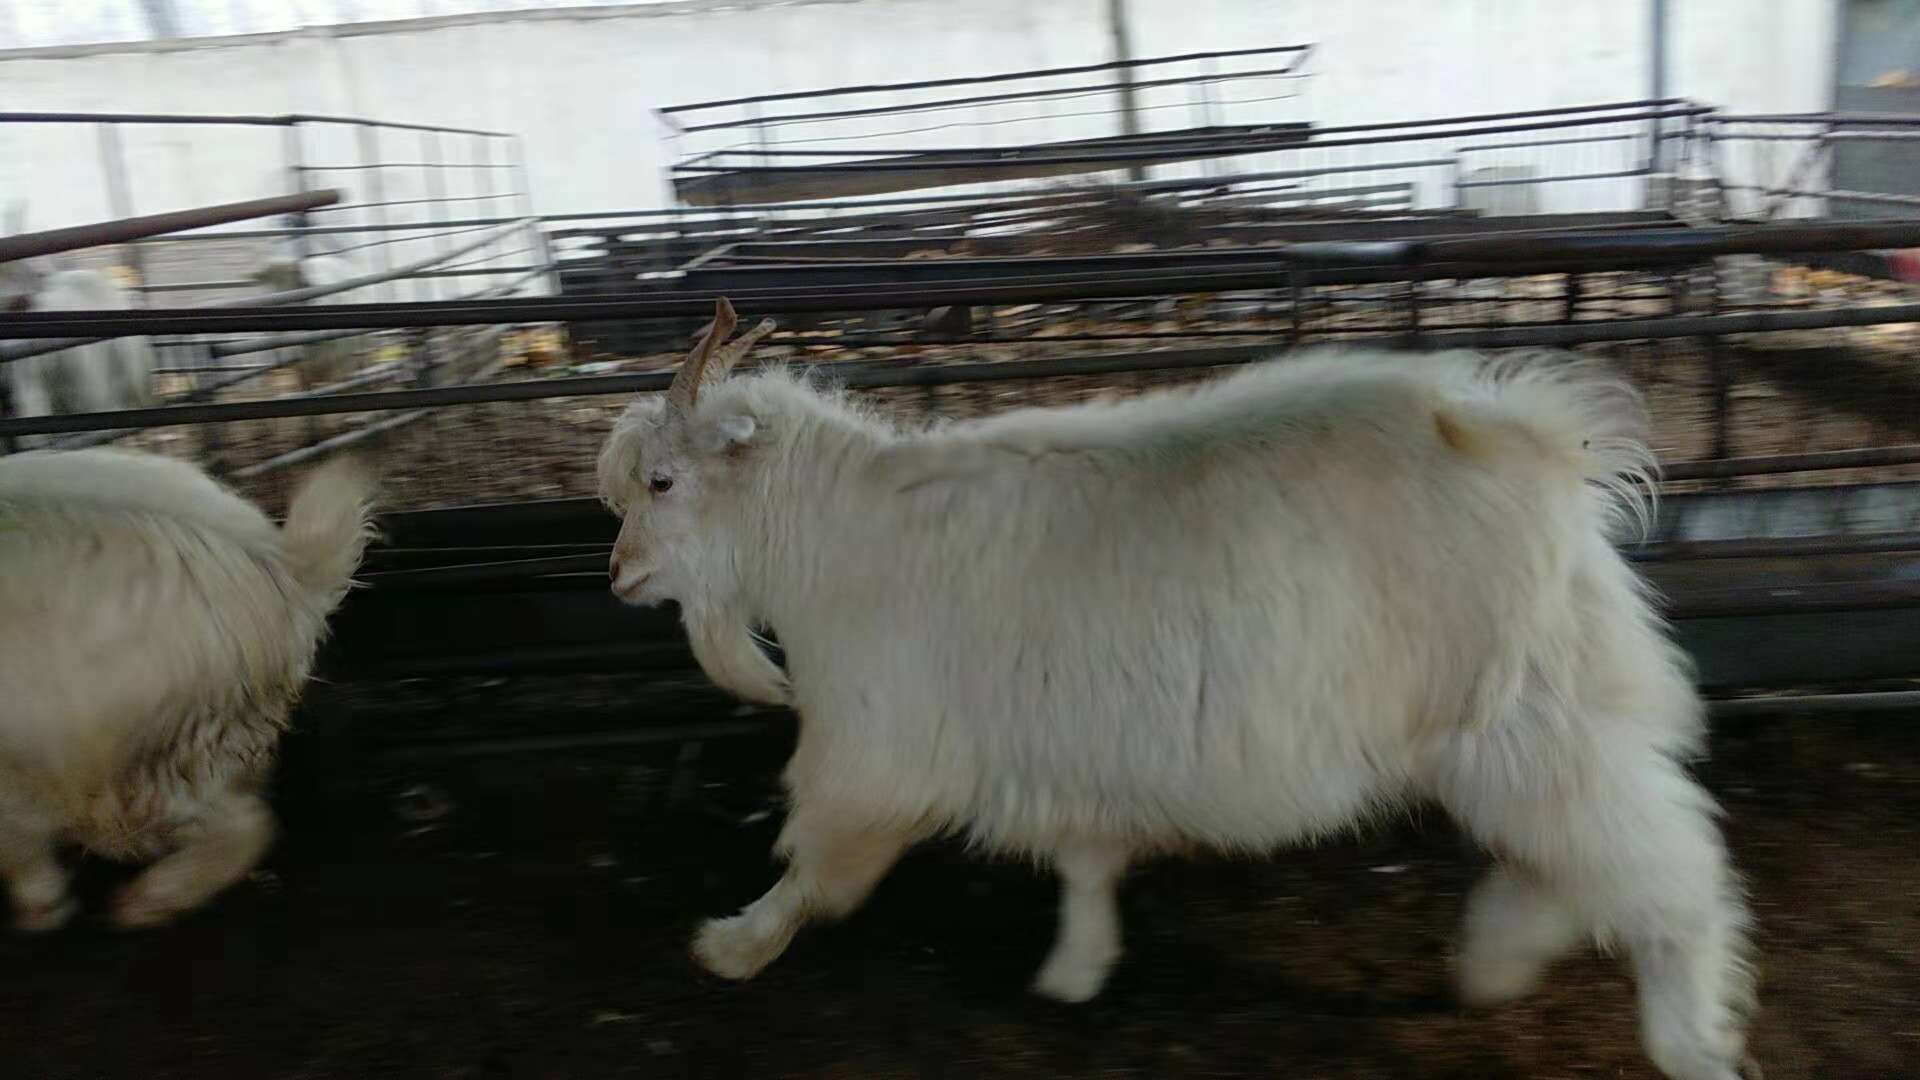 专业养殖绒山羊,绒山羊肉驴厂家直销,绒山羊批发,绒山羊价格示例图4